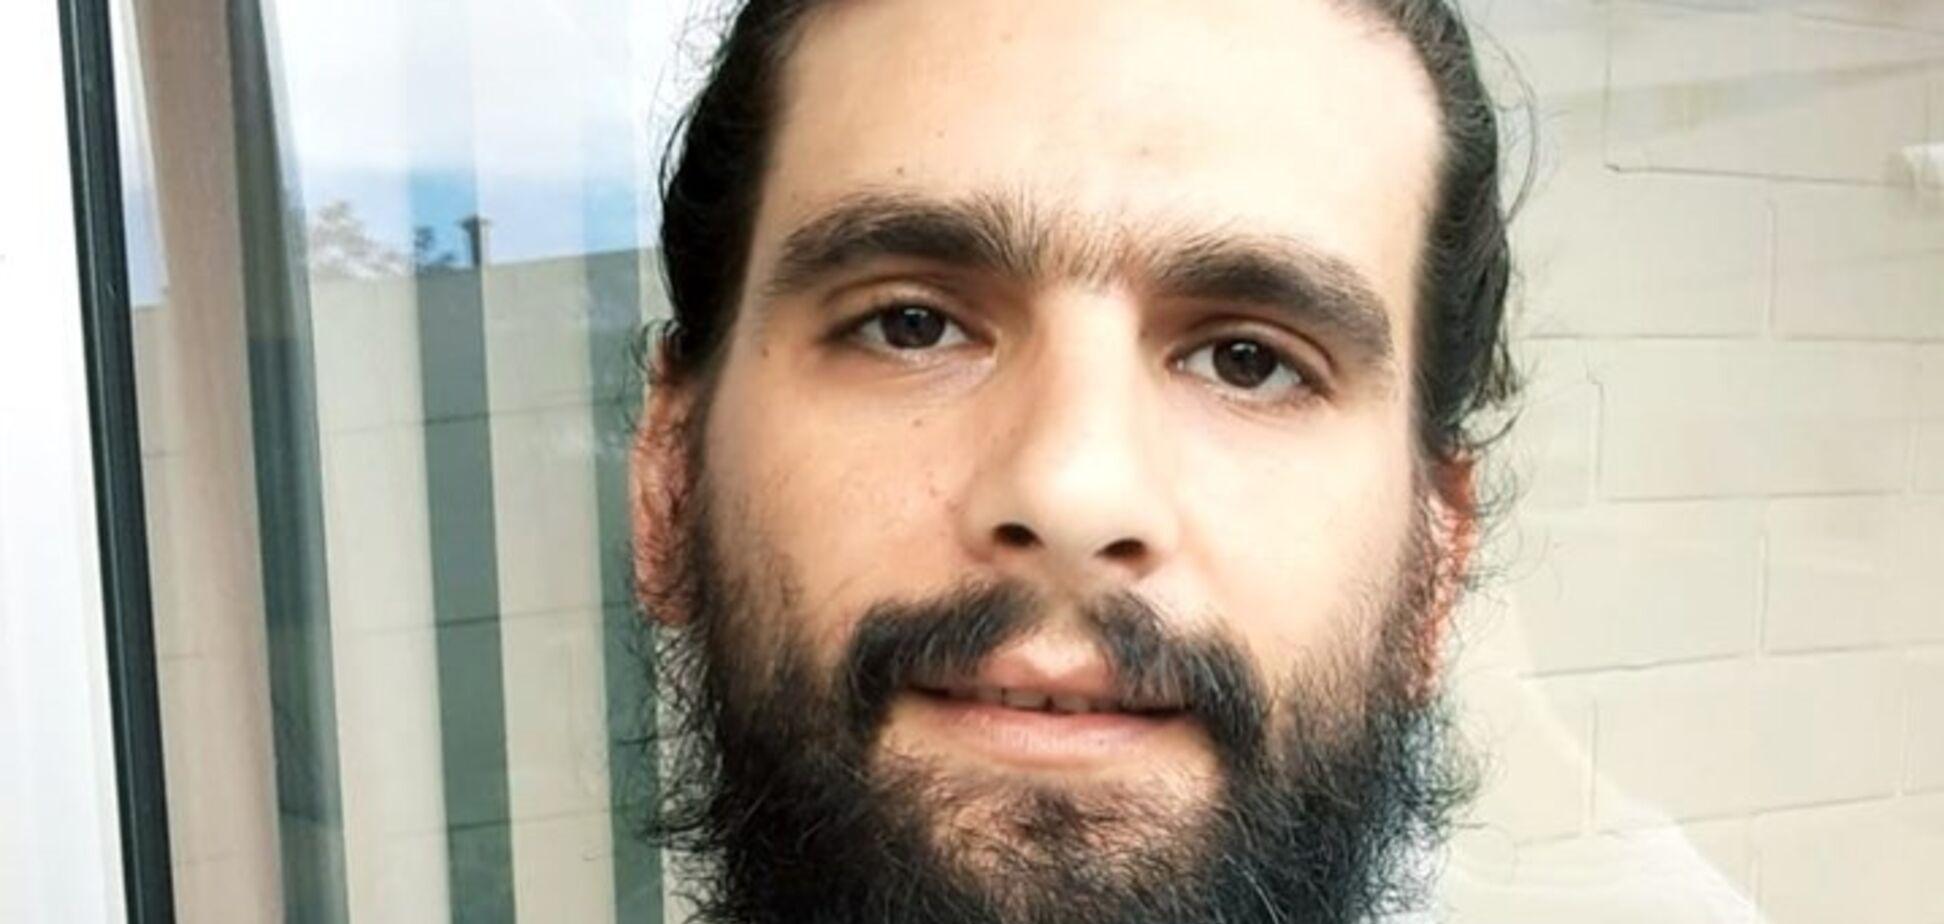 Україна екстрадувала відомого наркобарона-втікача до Ізраїлю: що відомо